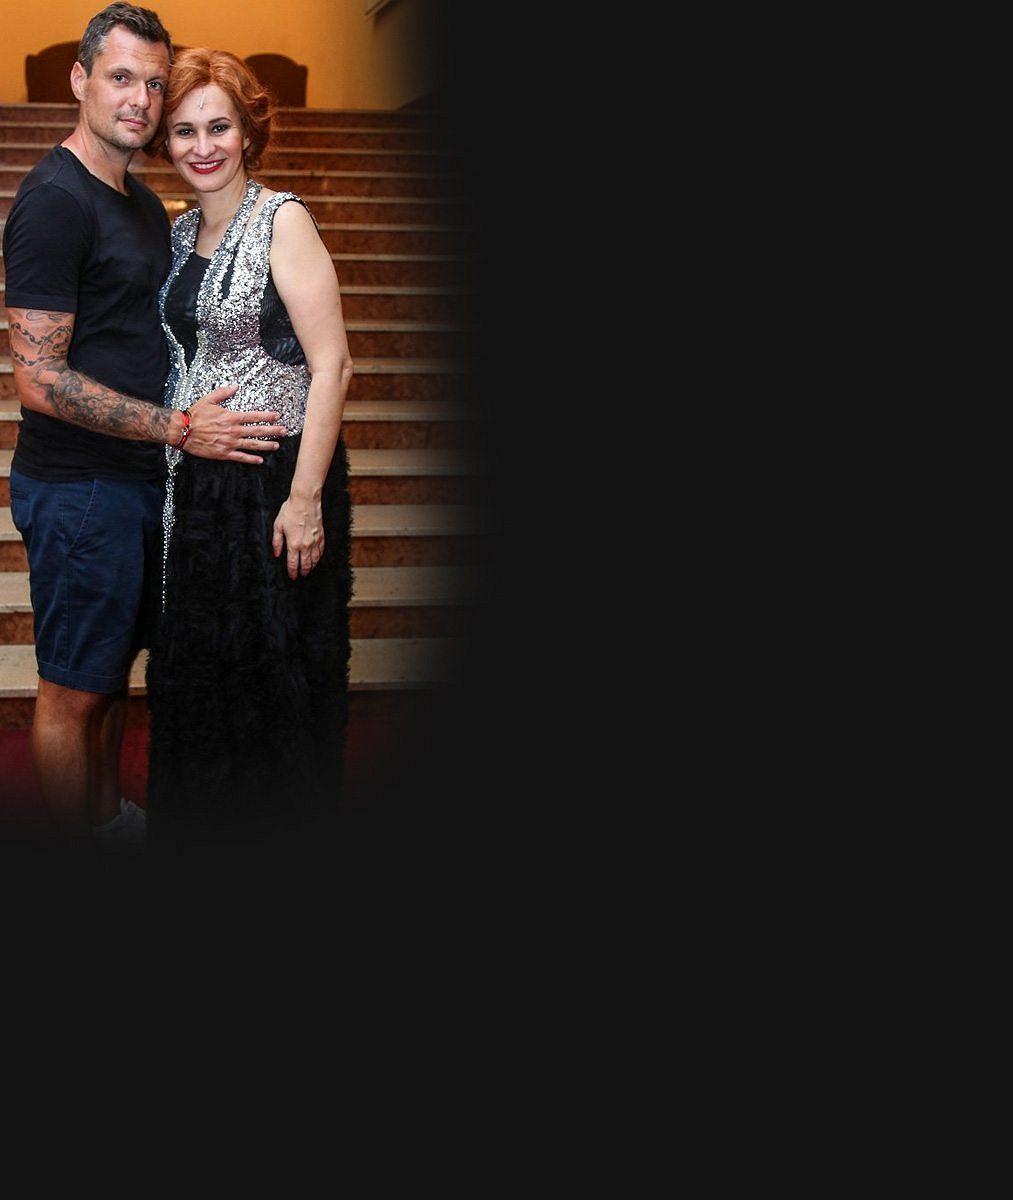 Tady aspoň nemusí zatahovat břicho: Těhotná Monika Absolonová se ukázala v plavkách